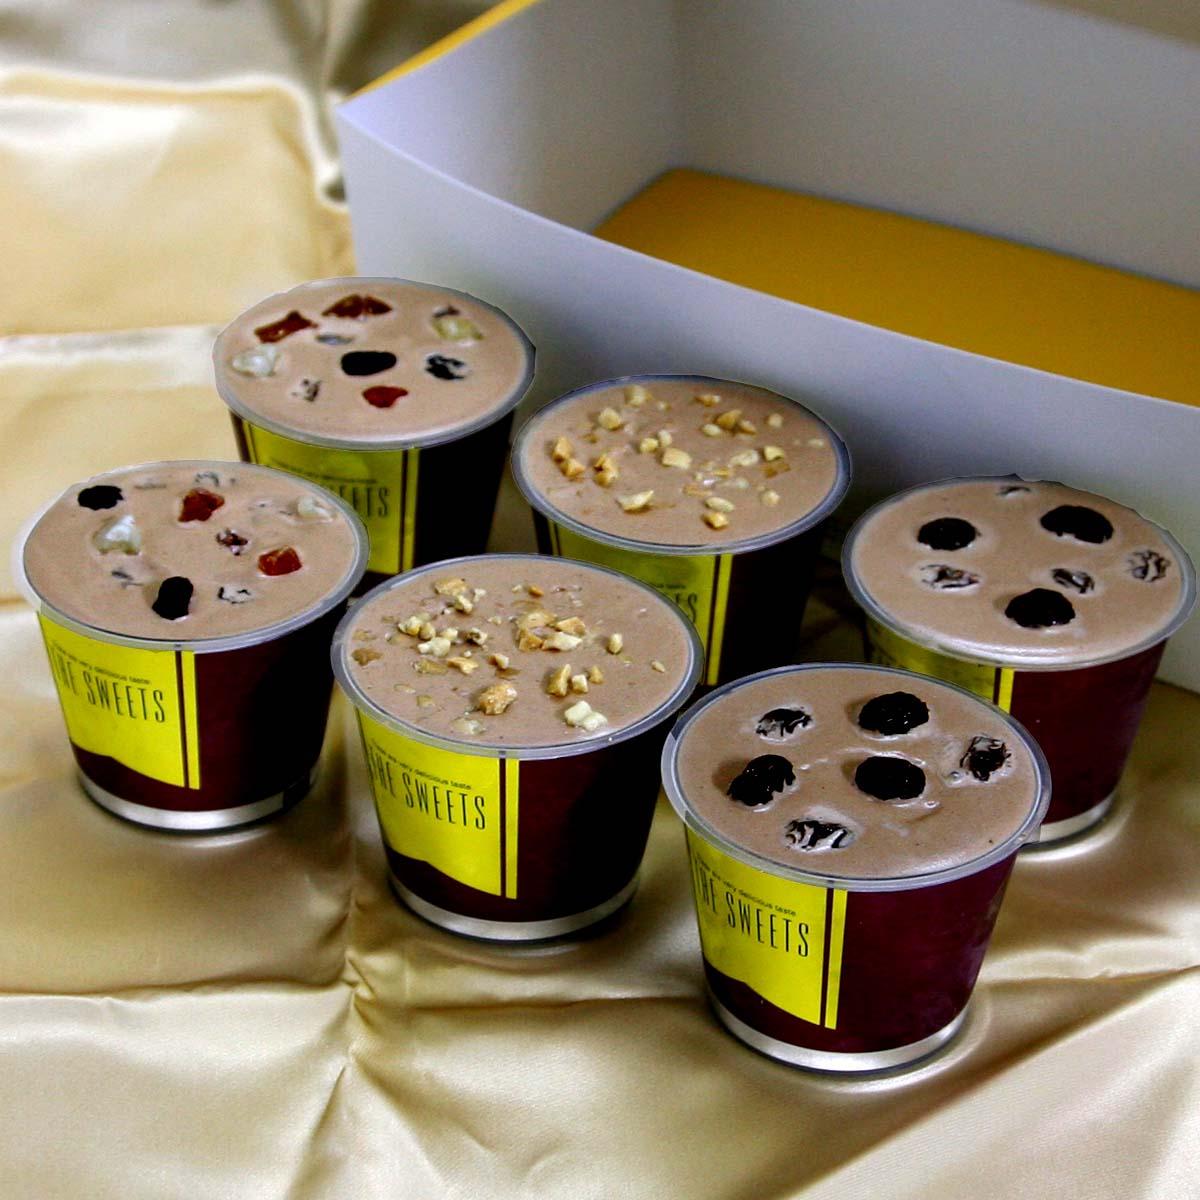 ウイスキー入り大人のチョコレートジェラートセット(3種類、6個入り) 送料無料 ウィスキー入りの大人の味 贈答品 お中元 お歳暮 プレゼント ギフト カップアイスセット 詰め合わせ 返礼用 アイスクリーム ジェラート